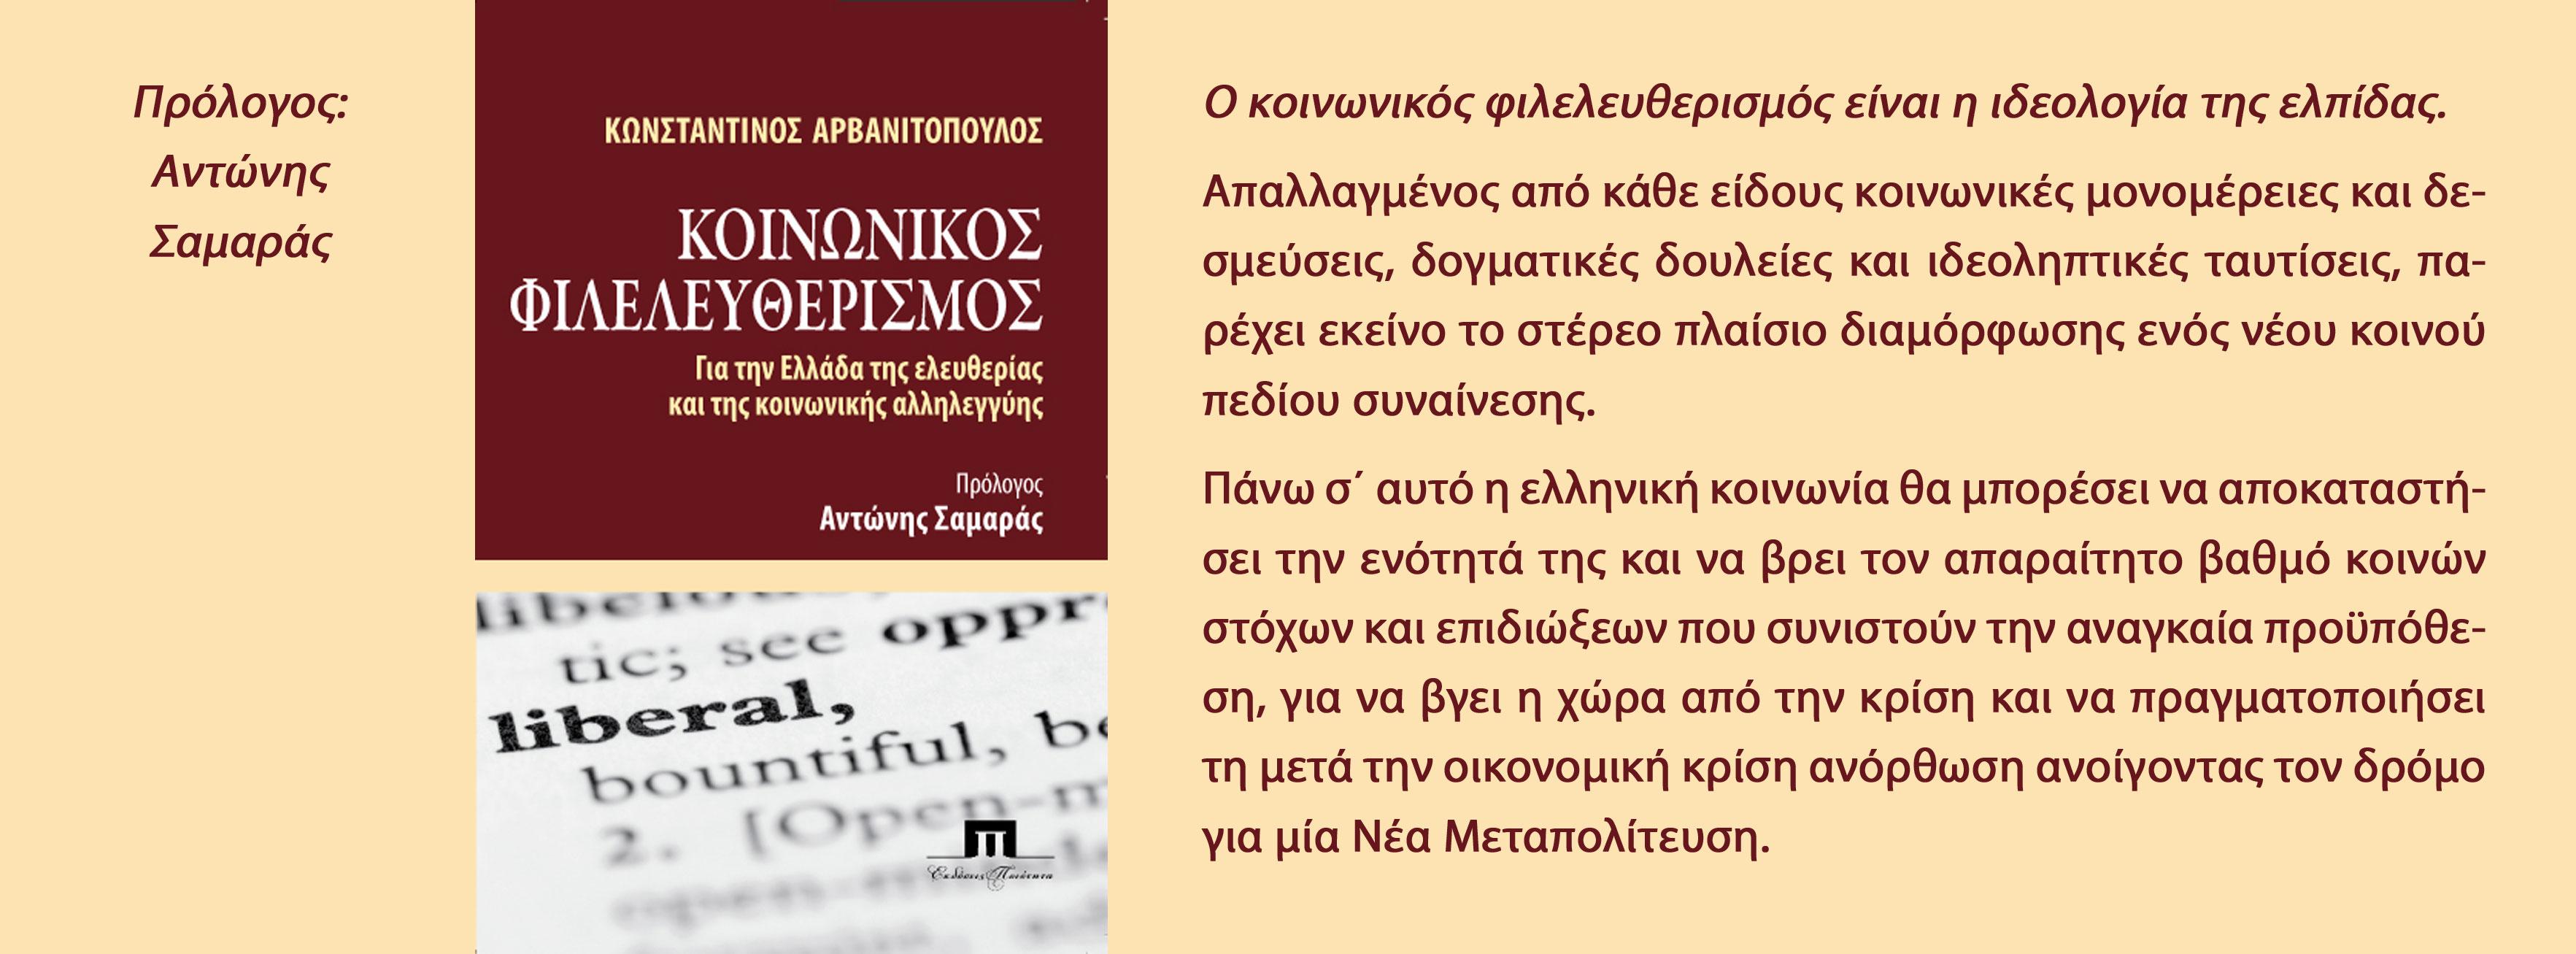 Αρβανιτόπουλος Κωνσταντίνος, Κοινωνικός Φιλελευθερισμός. Για την Ελλάδα της ελευθερίας και της κοινωνικής αλληλεγγύης